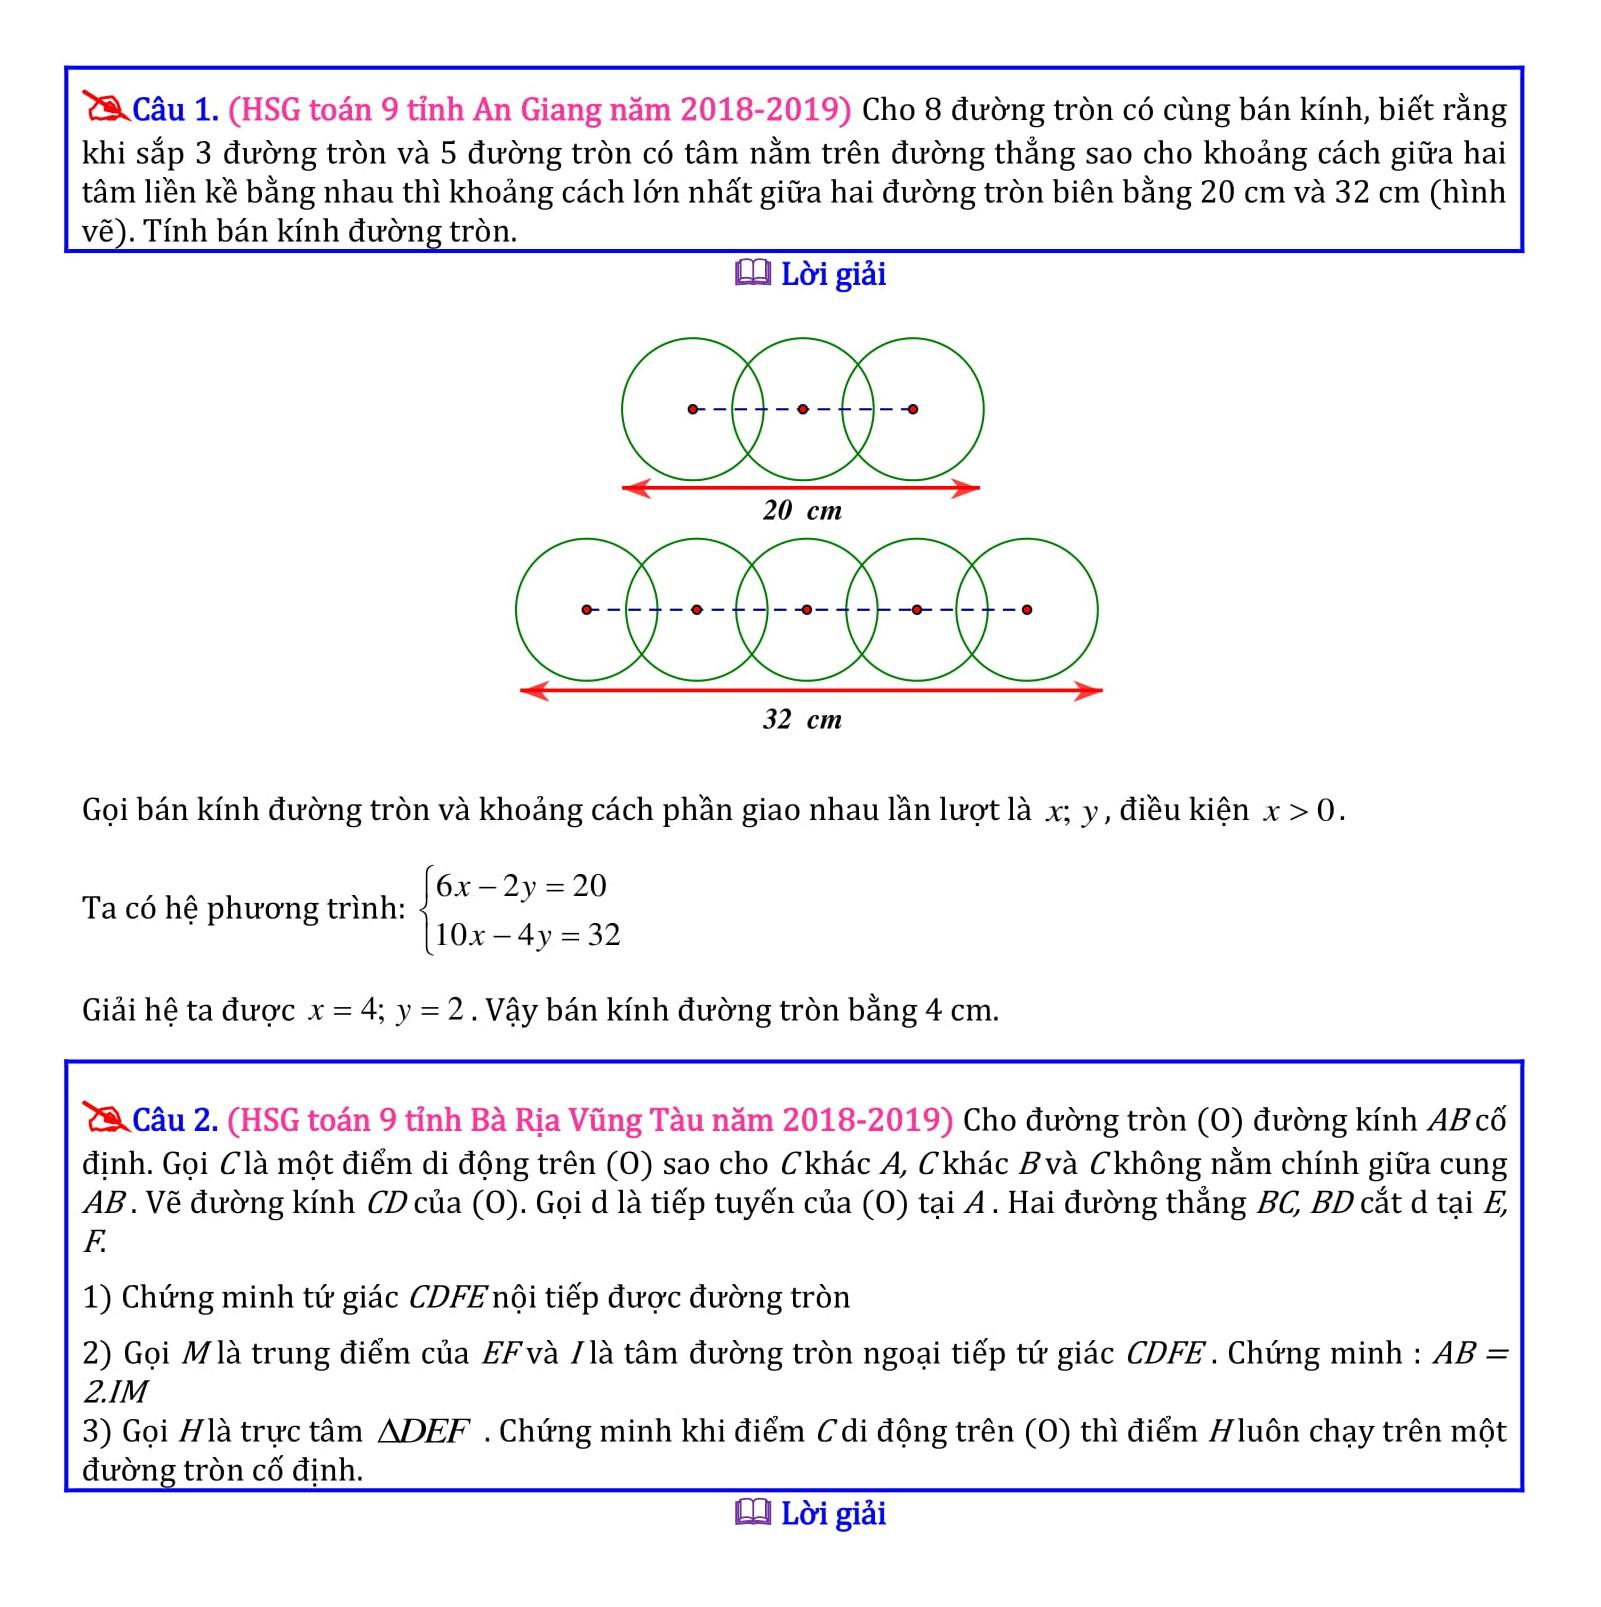 130 Bài tập Hình học ôn thi học sinh Toán 9 qua các năm